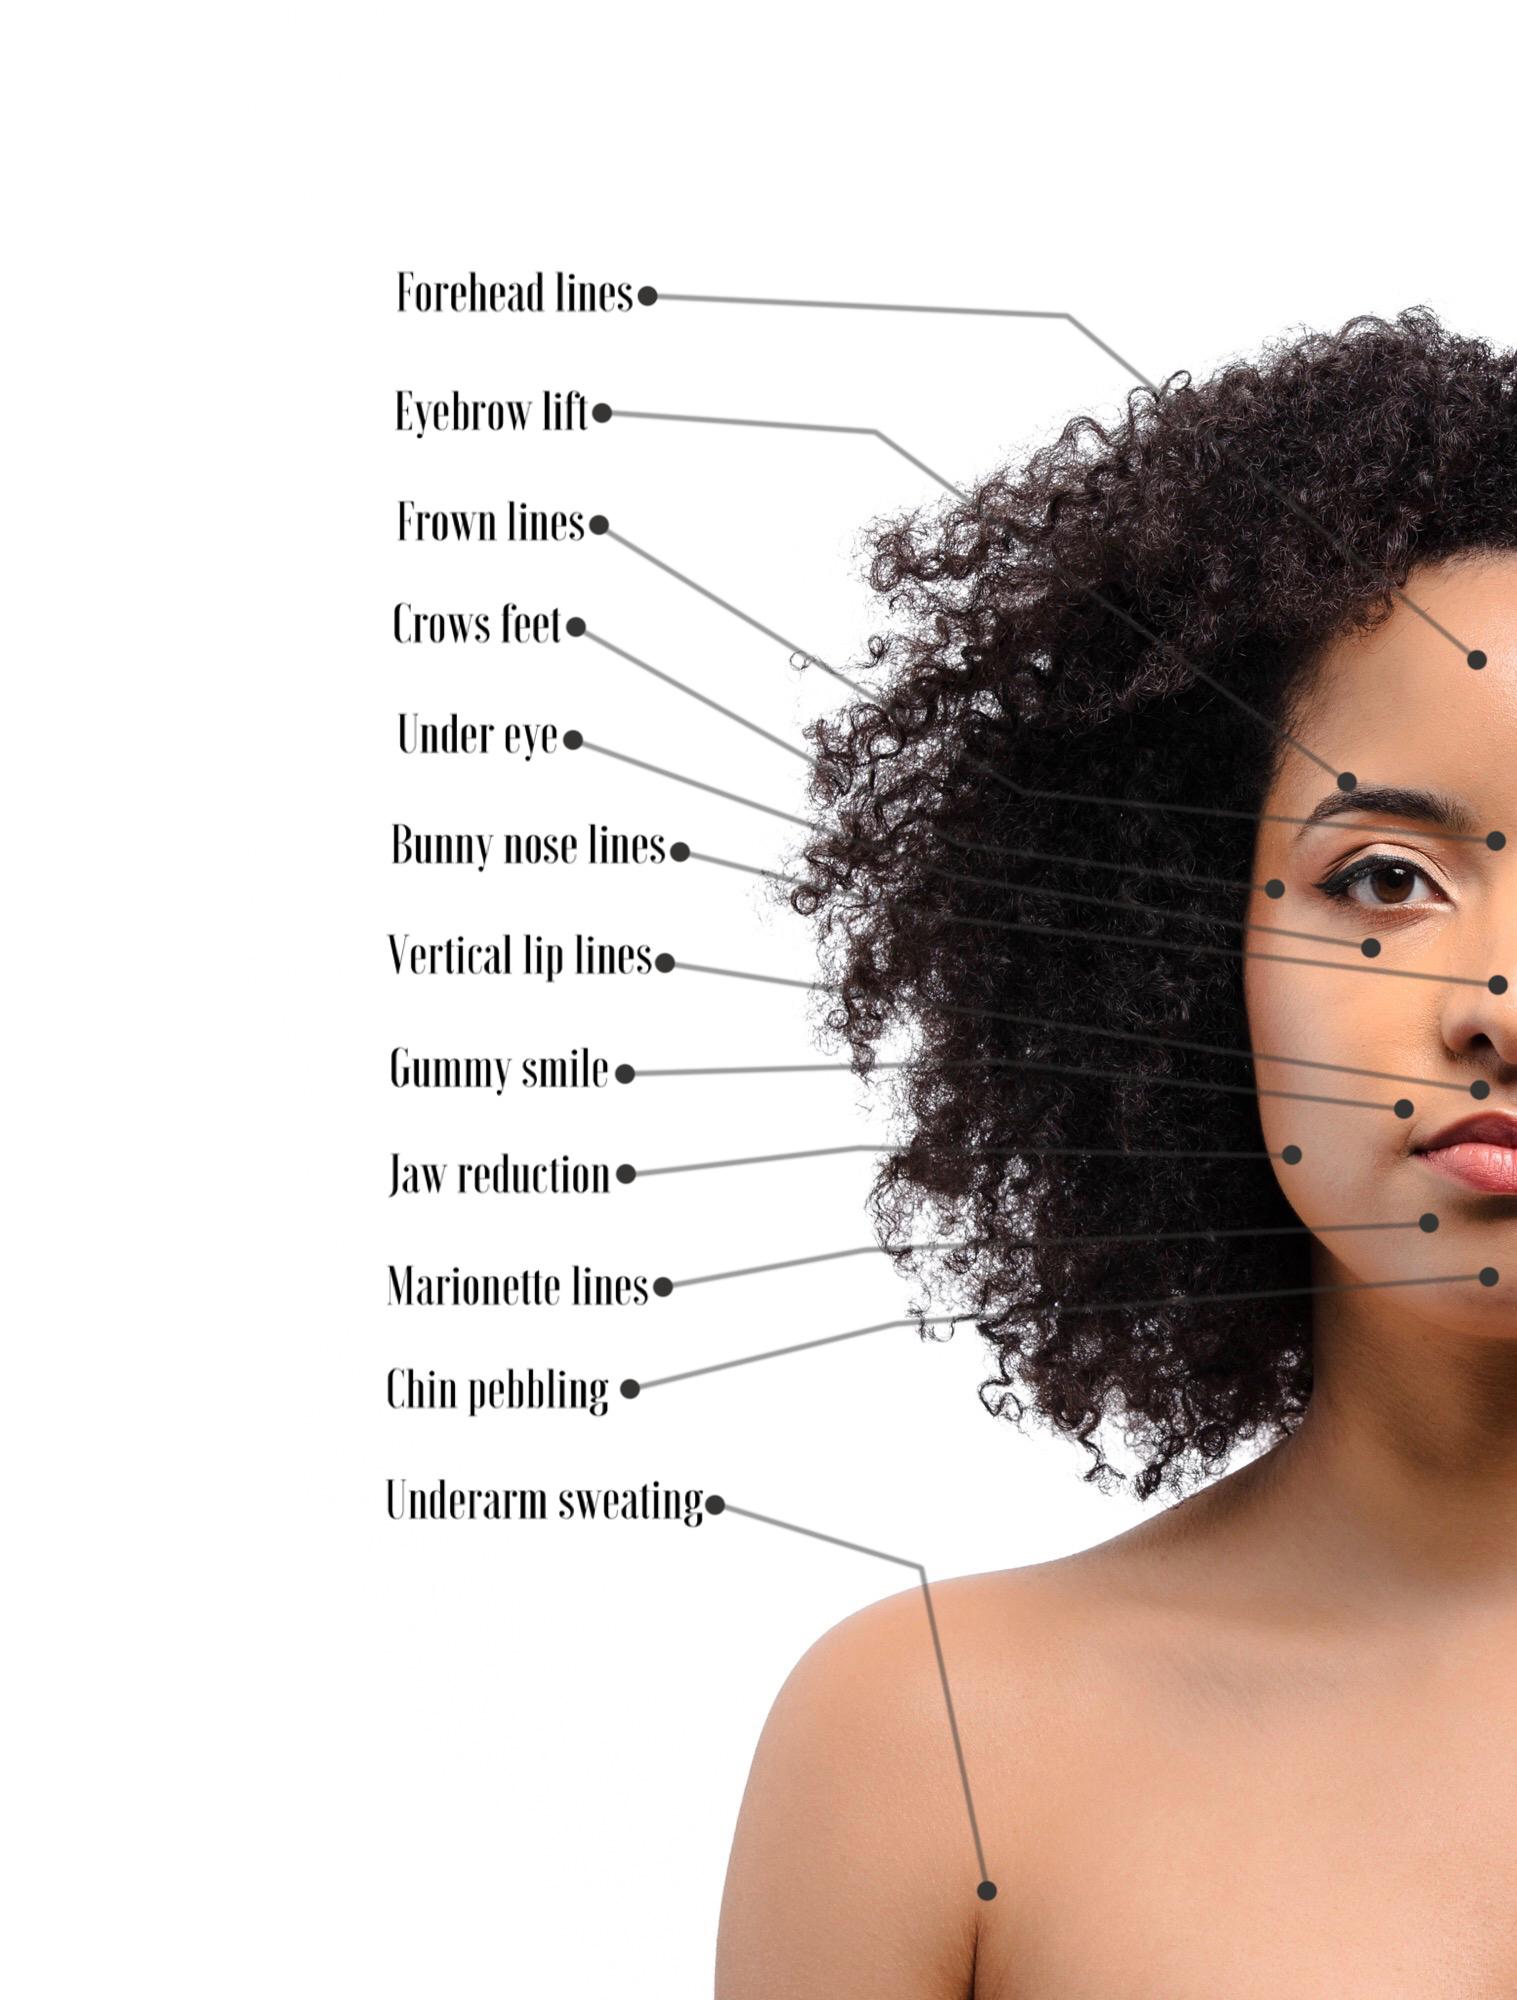 Anti Wrinkle Injections Diagram.jpg